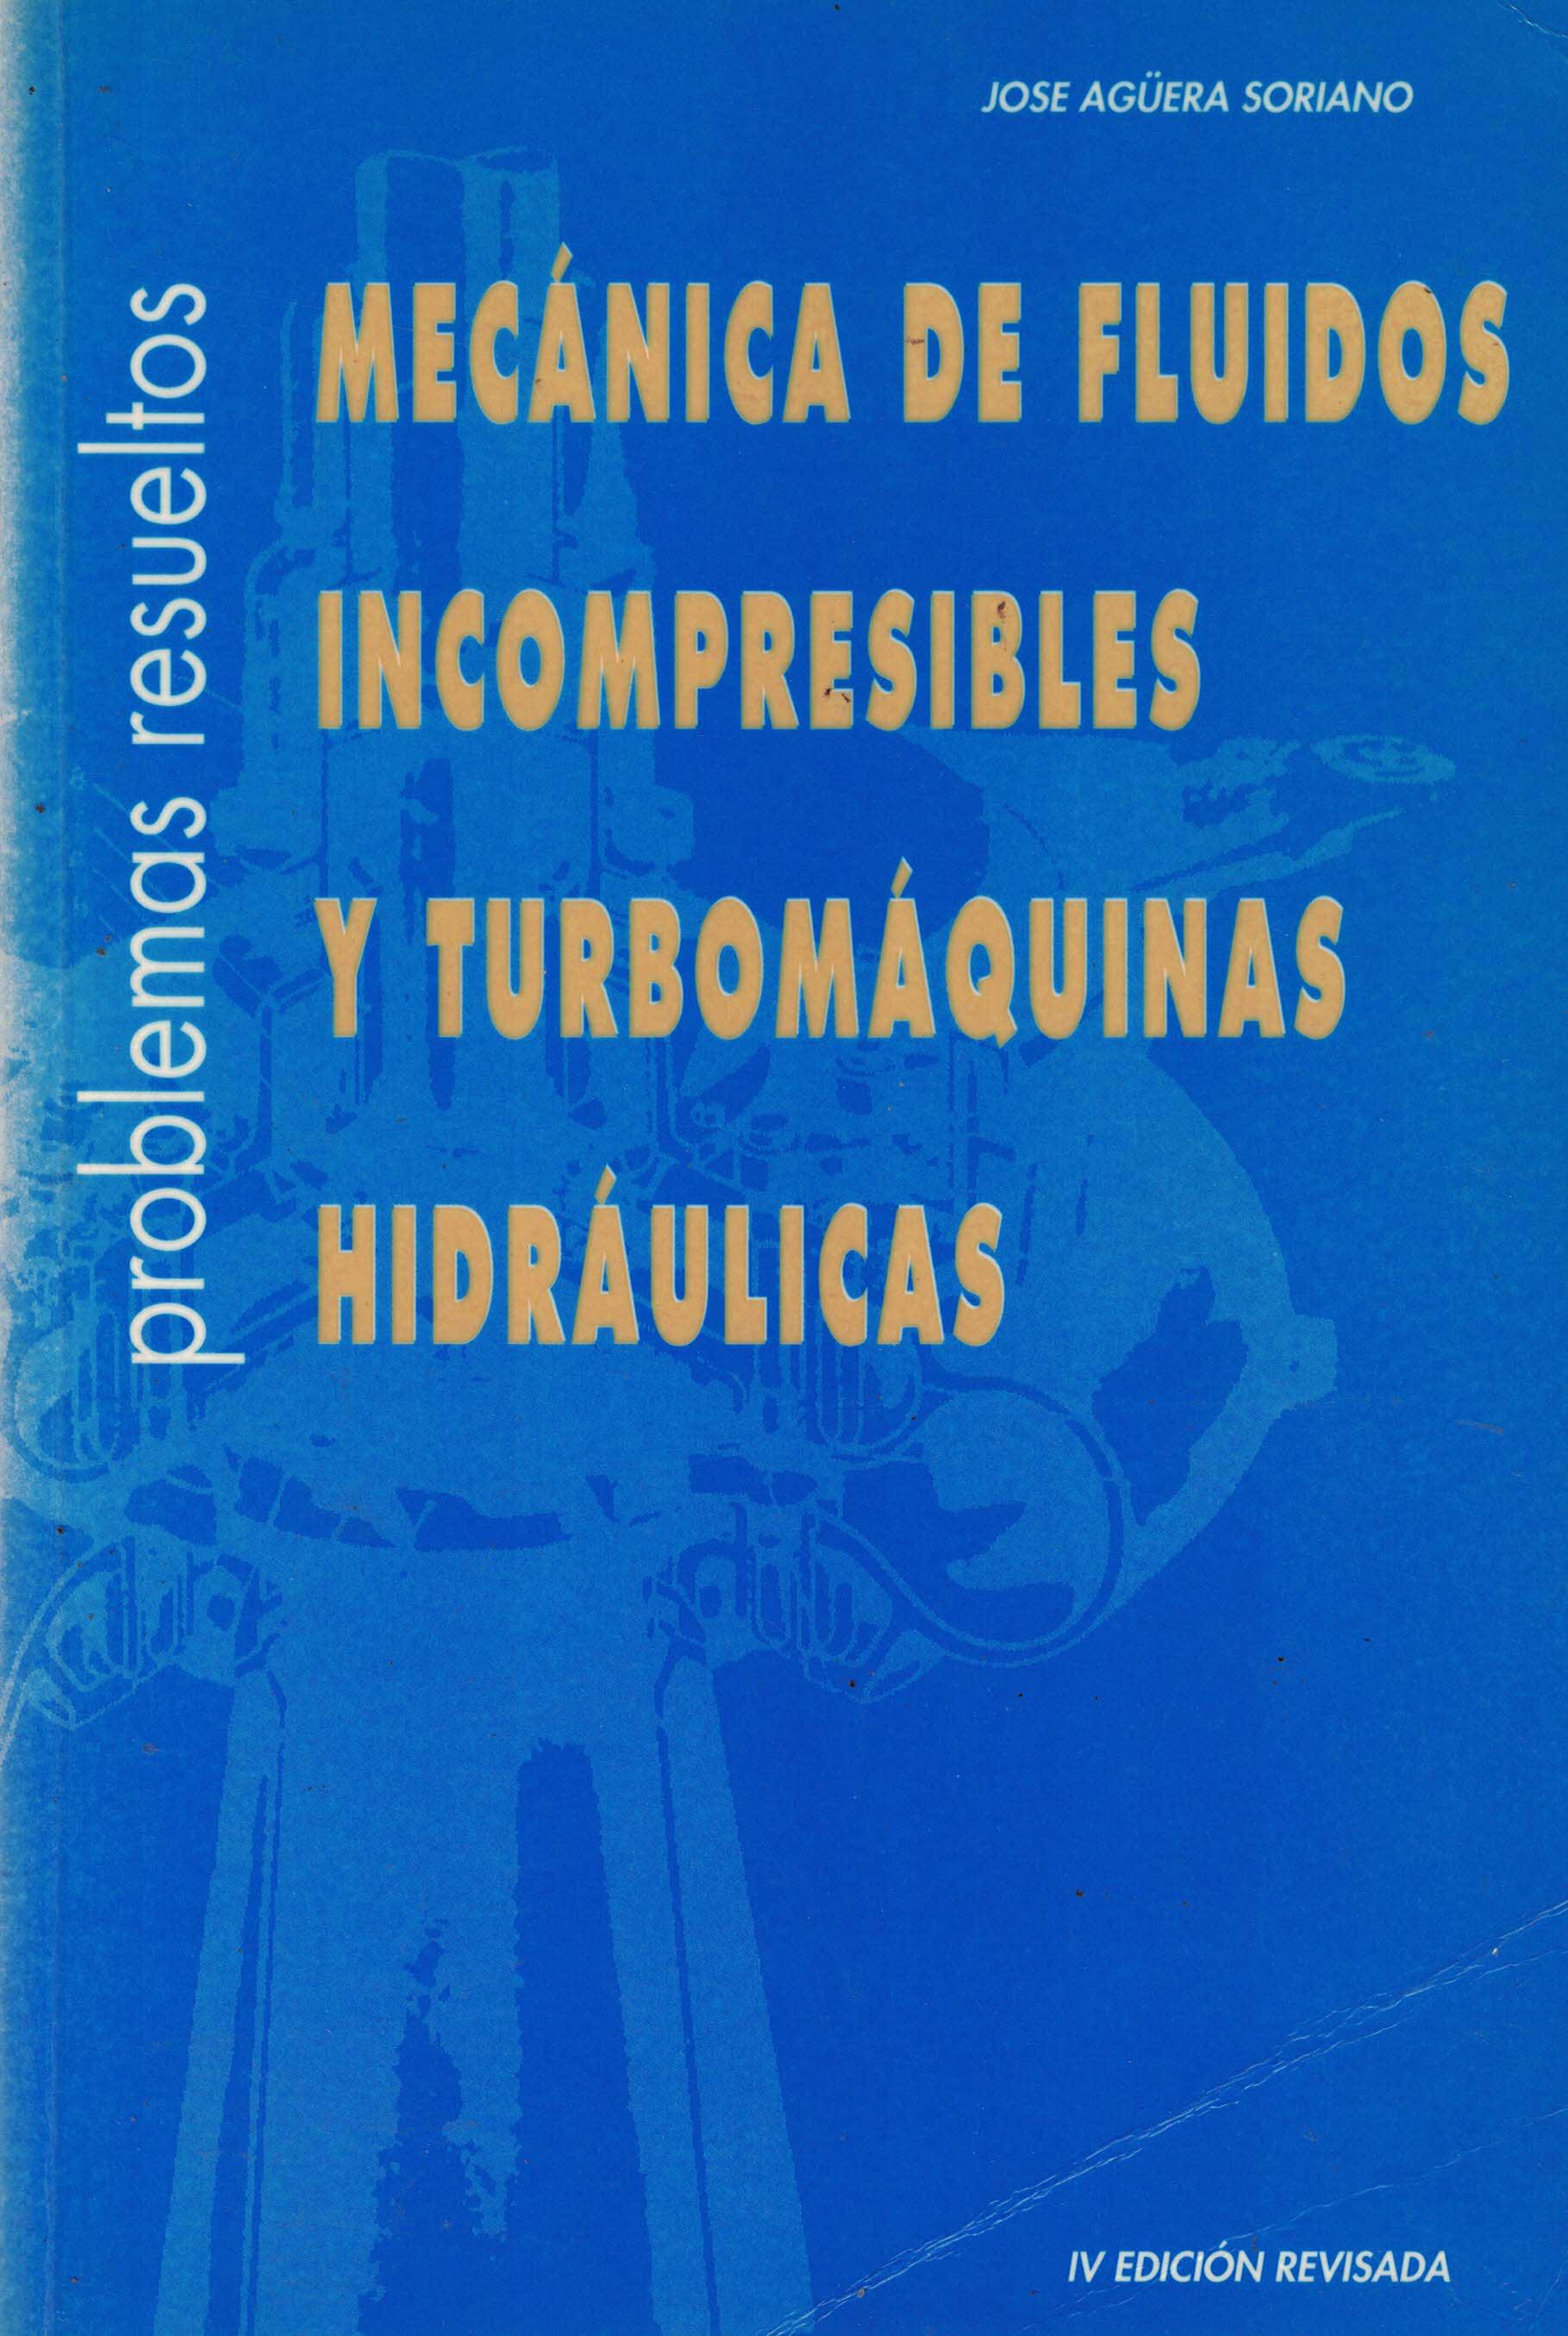 Mecánica de fluidos incompresibles y turbomáquinas hidráulicas «Problemas resueltos»